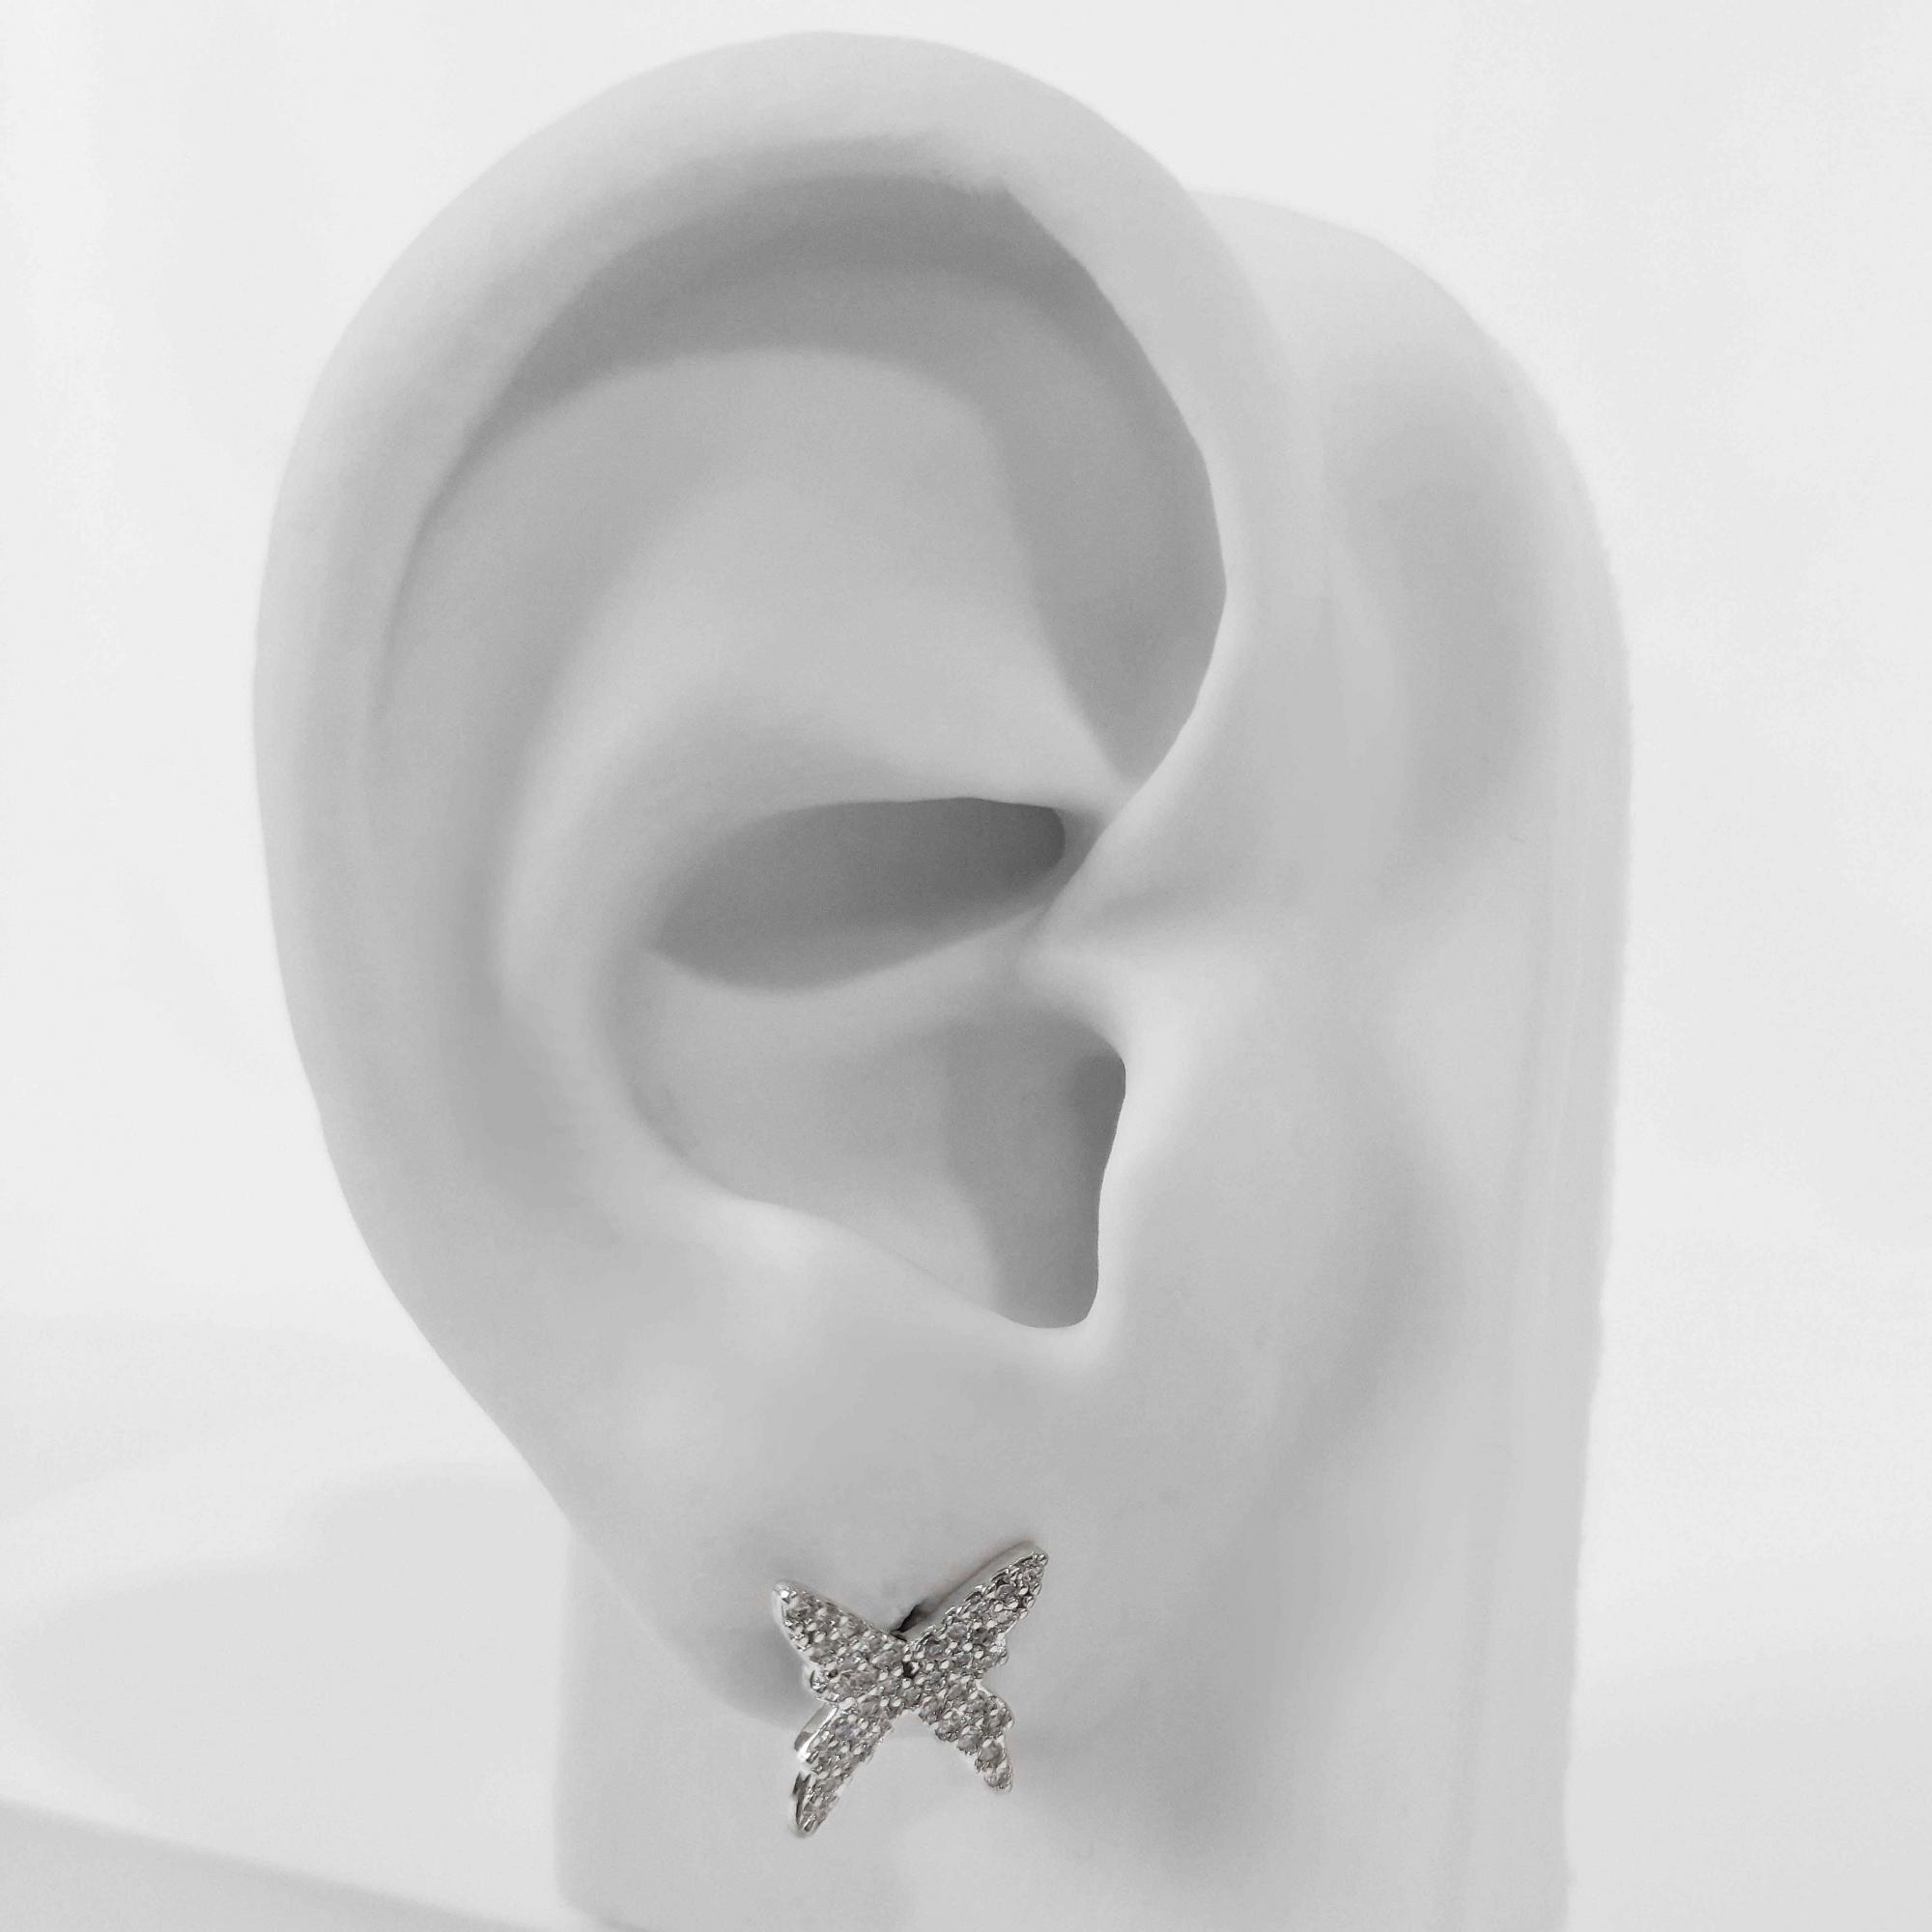 Brinco Borboleta Cravejada em Zircônias Folheado Prata 1000  - Lunozê Joias